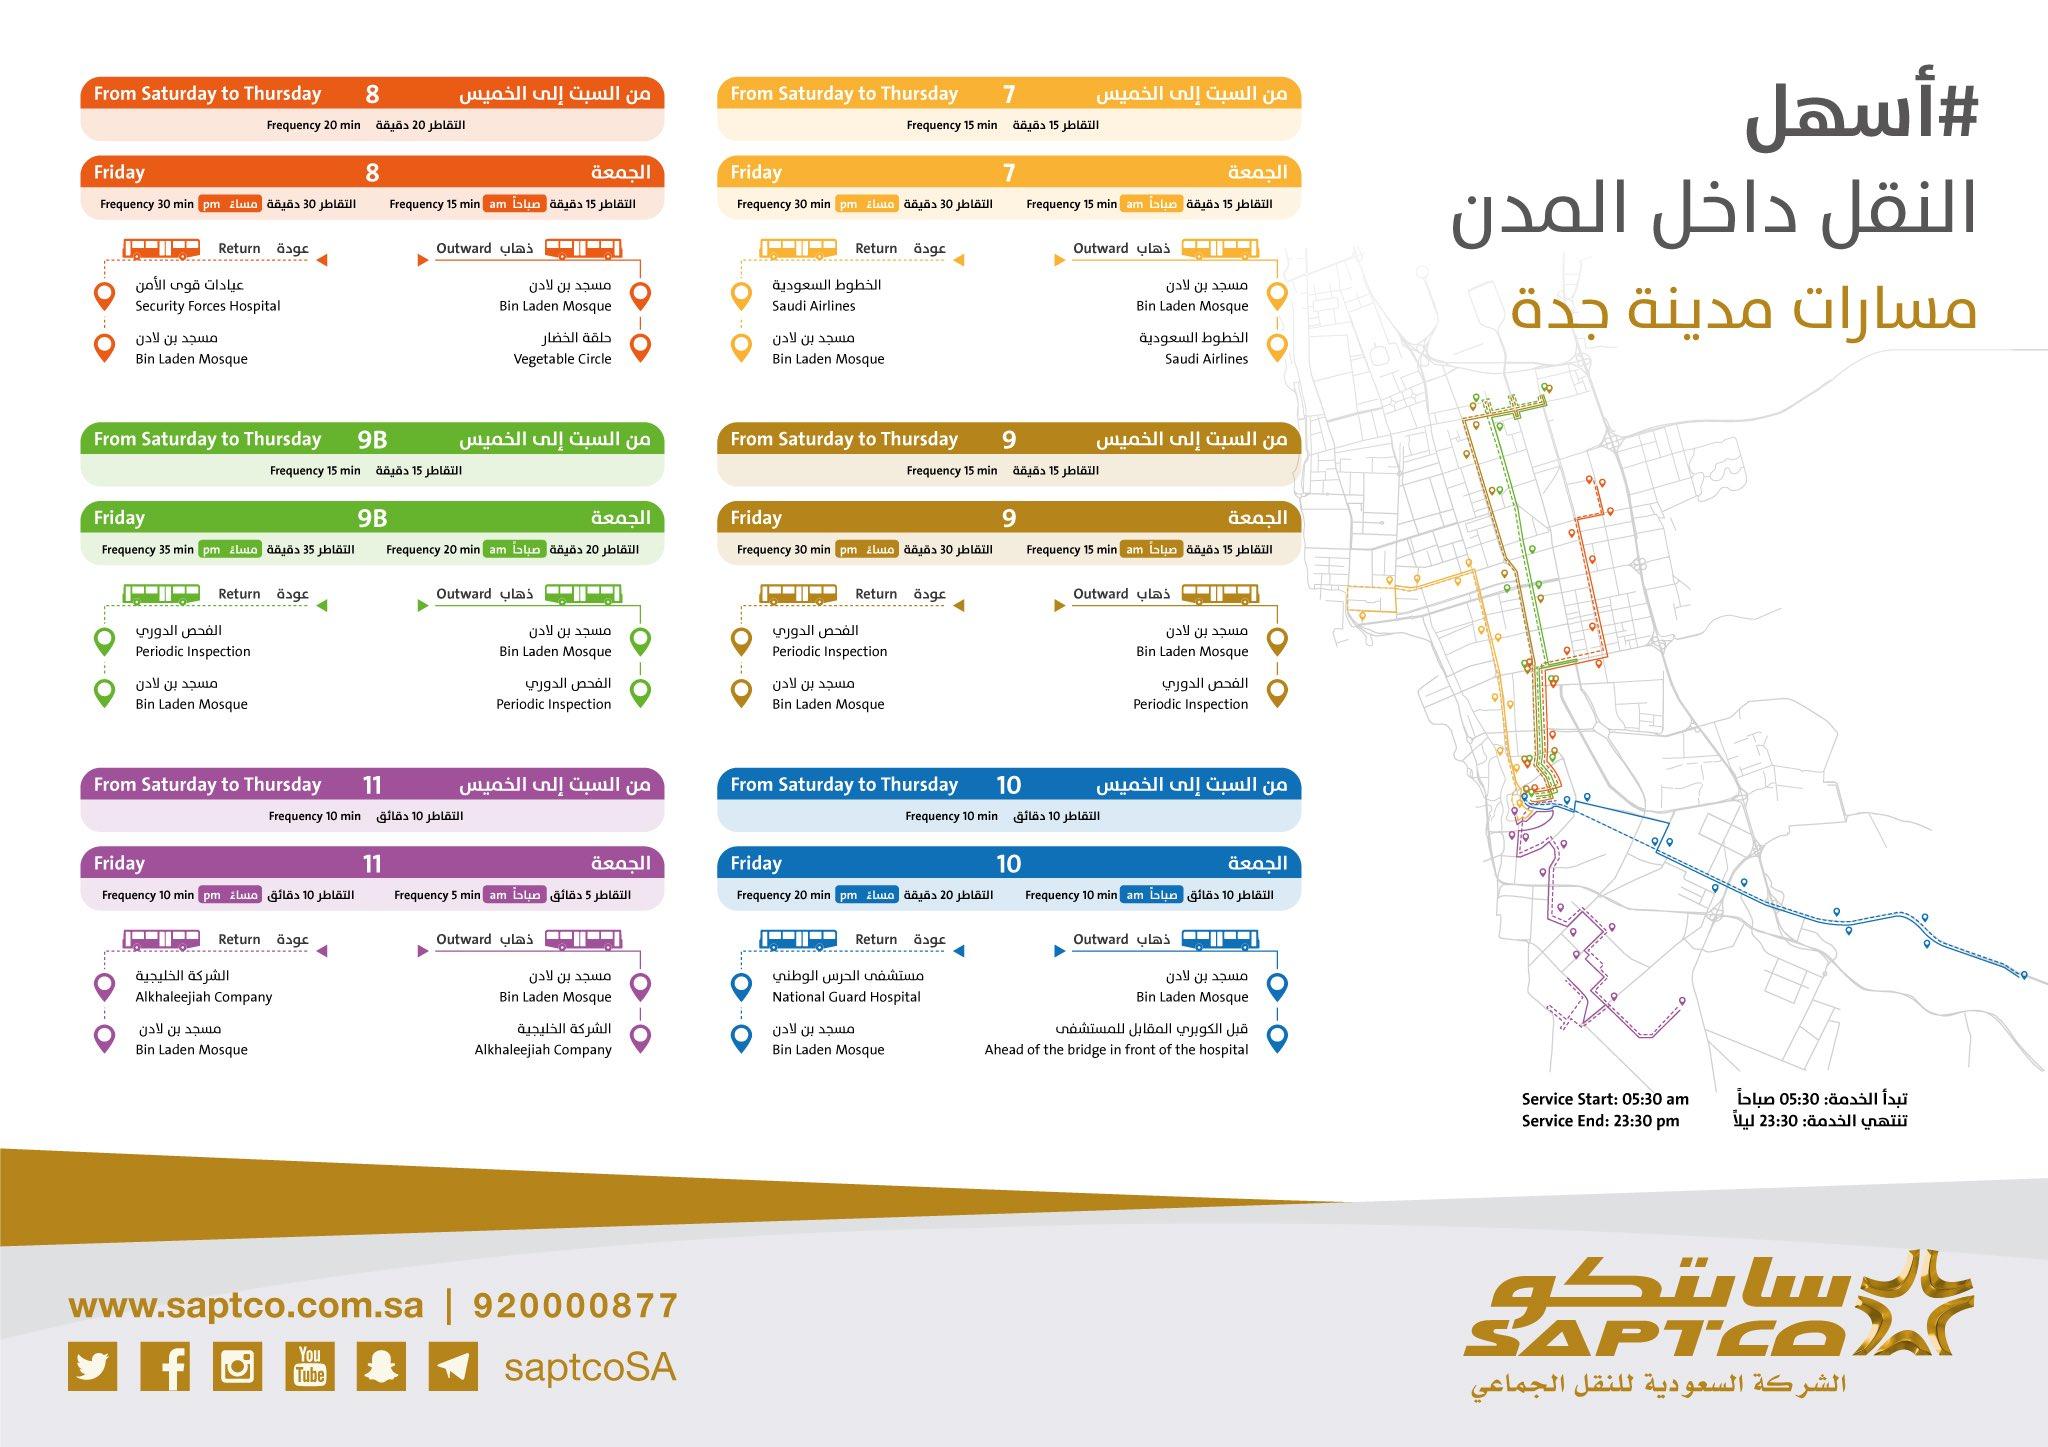 سـ ـا بـ ـتـ ـكـ ـو On Twitter أسهل مواعيد الحافلات مجدولة وتقاطر منتظم لجميع المسارات تقدمها سابتكو للنقل داخل مدينة جدة Jeddah Saptco